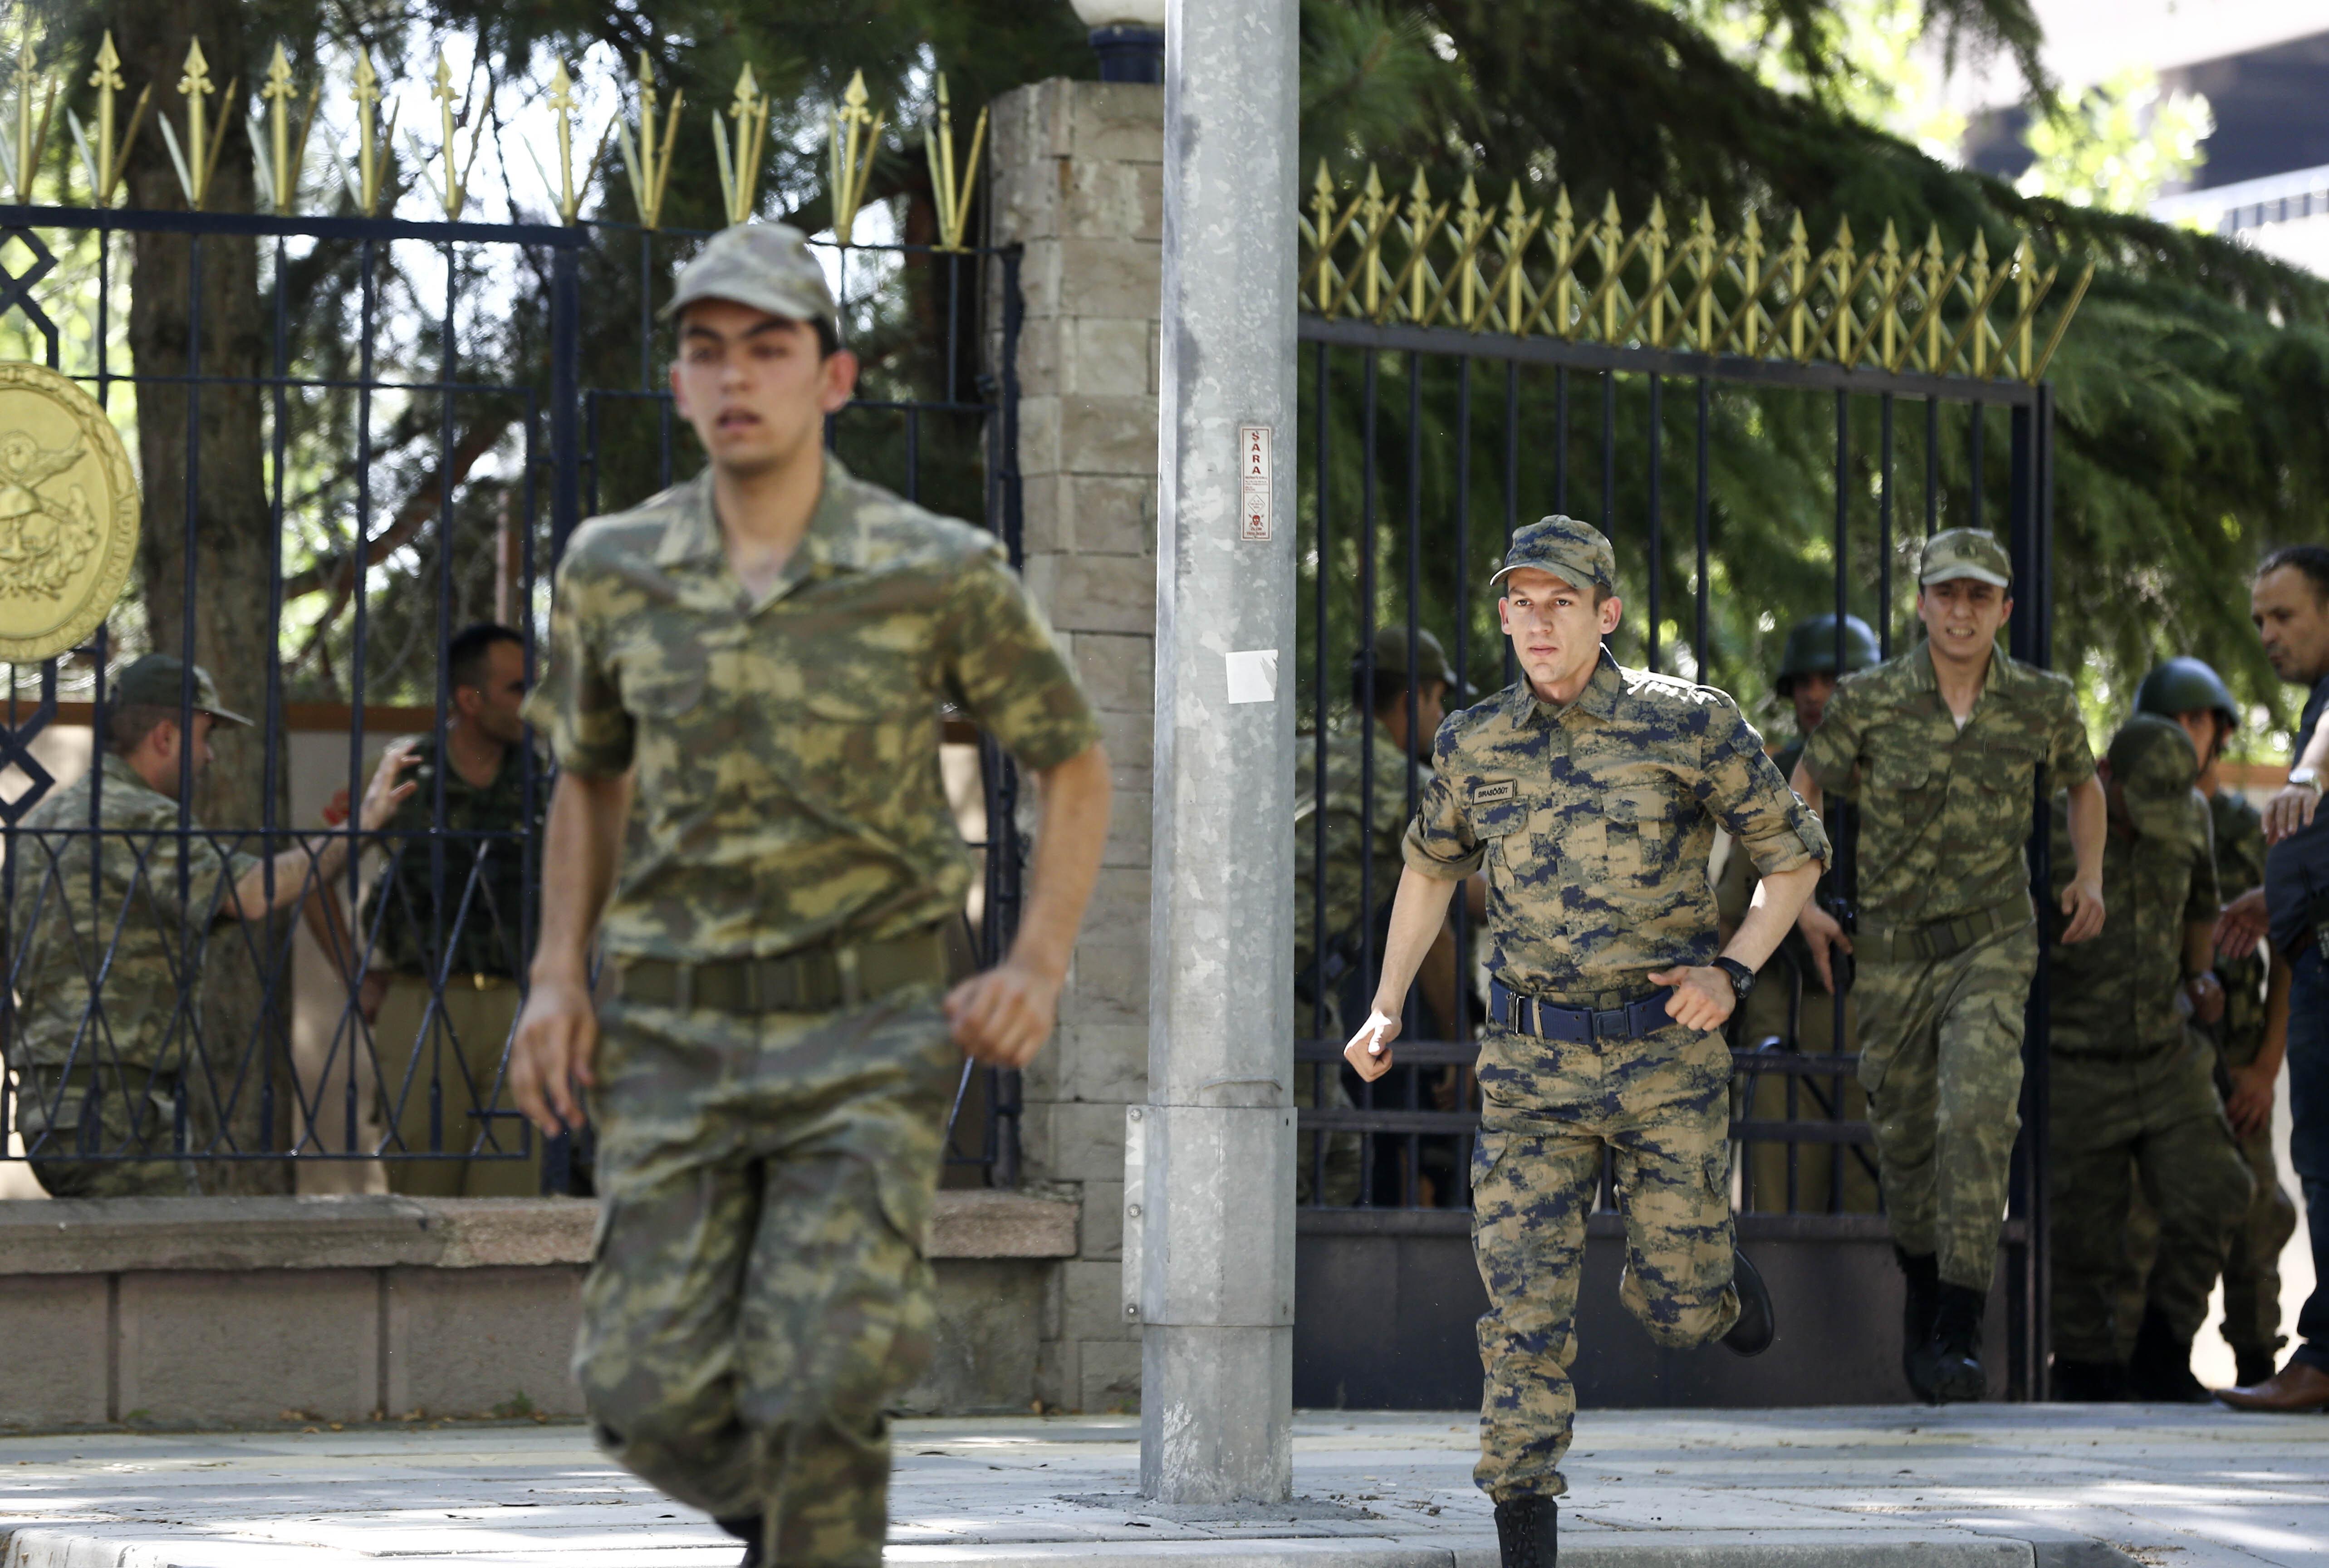 Genelkurmay Başkanlığı'ndan çıkan 200'e yakın silahsız er ve erbaş polise teslim oldu.